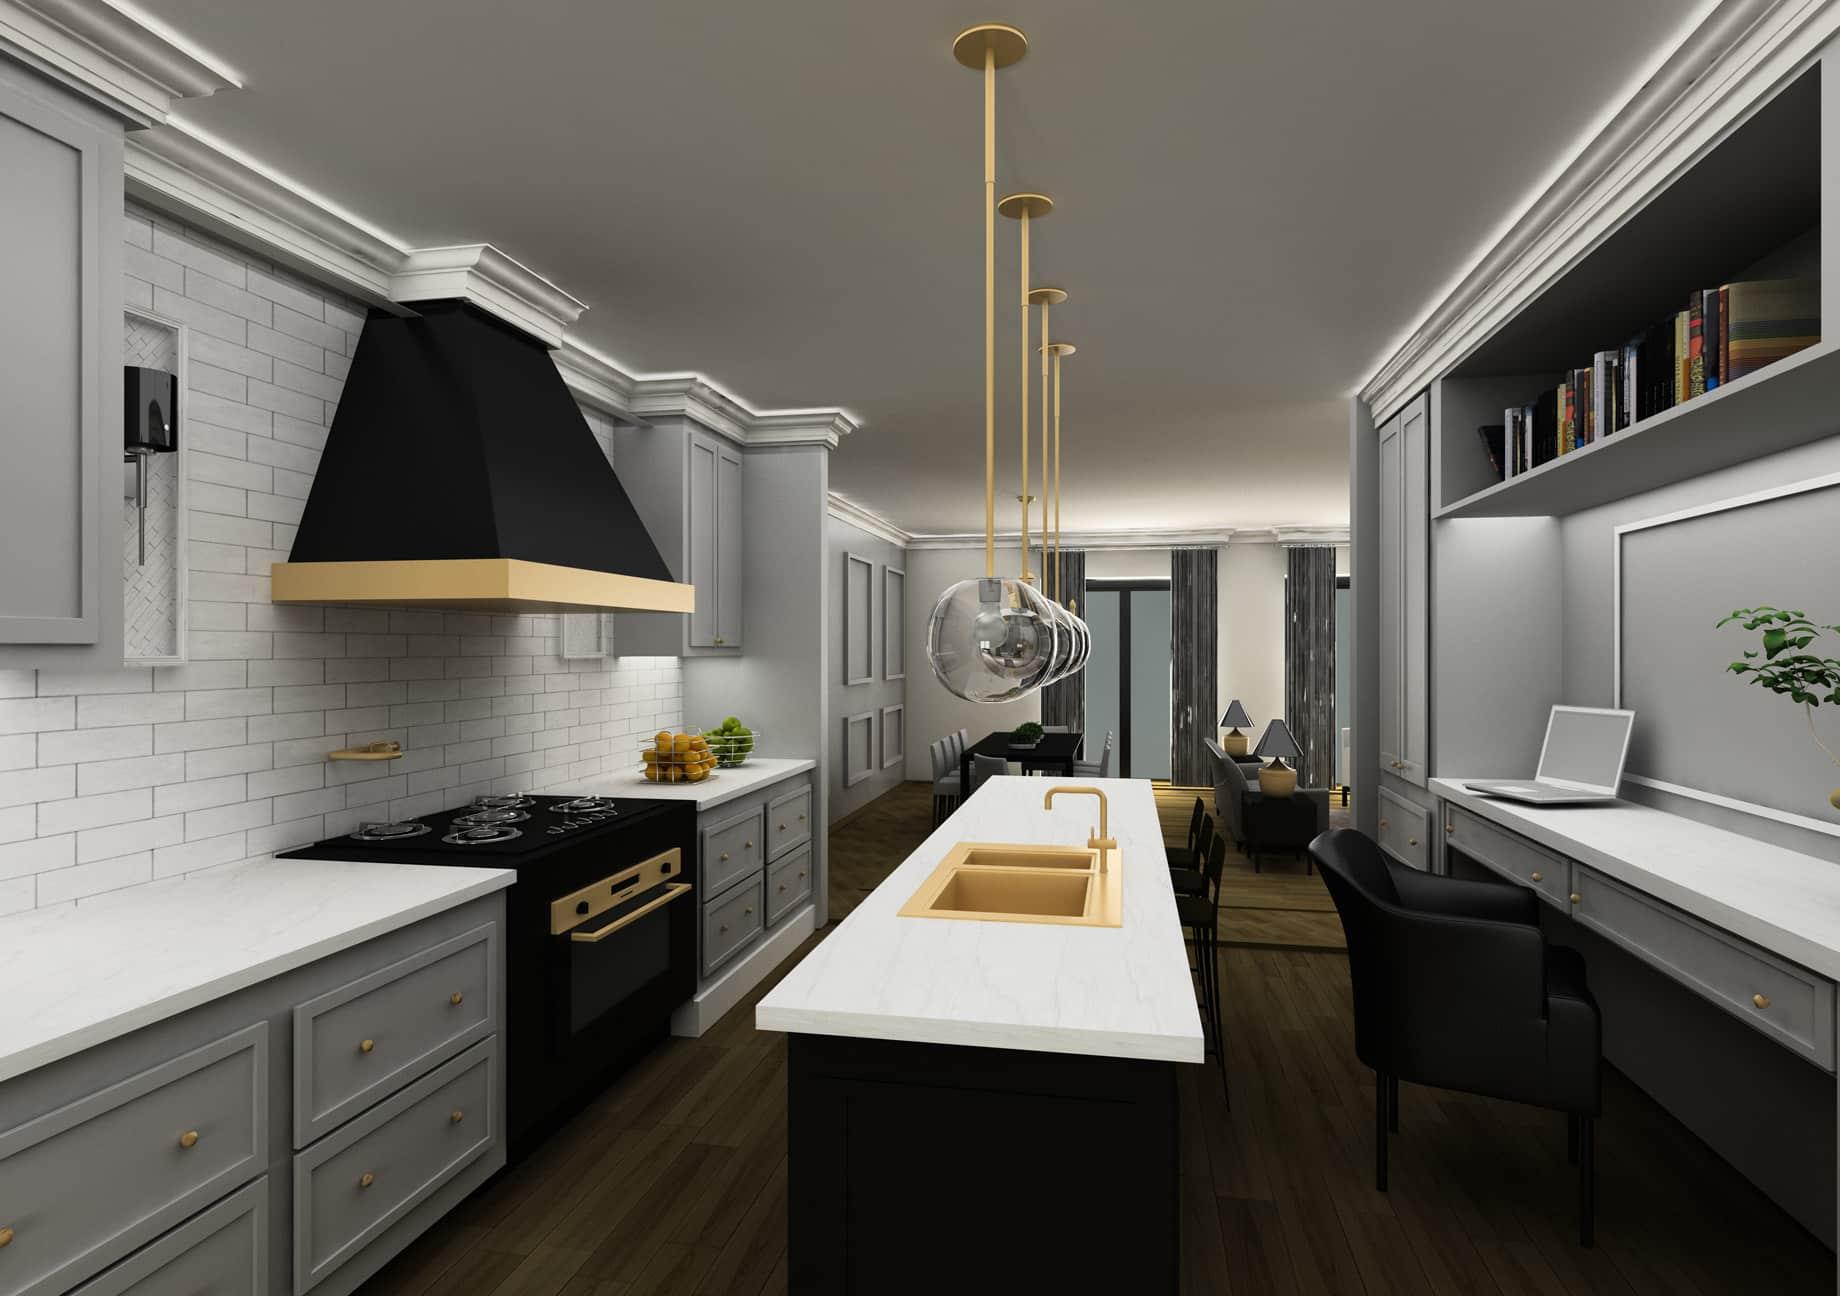 7 Austin Terrace LUX Interior Design